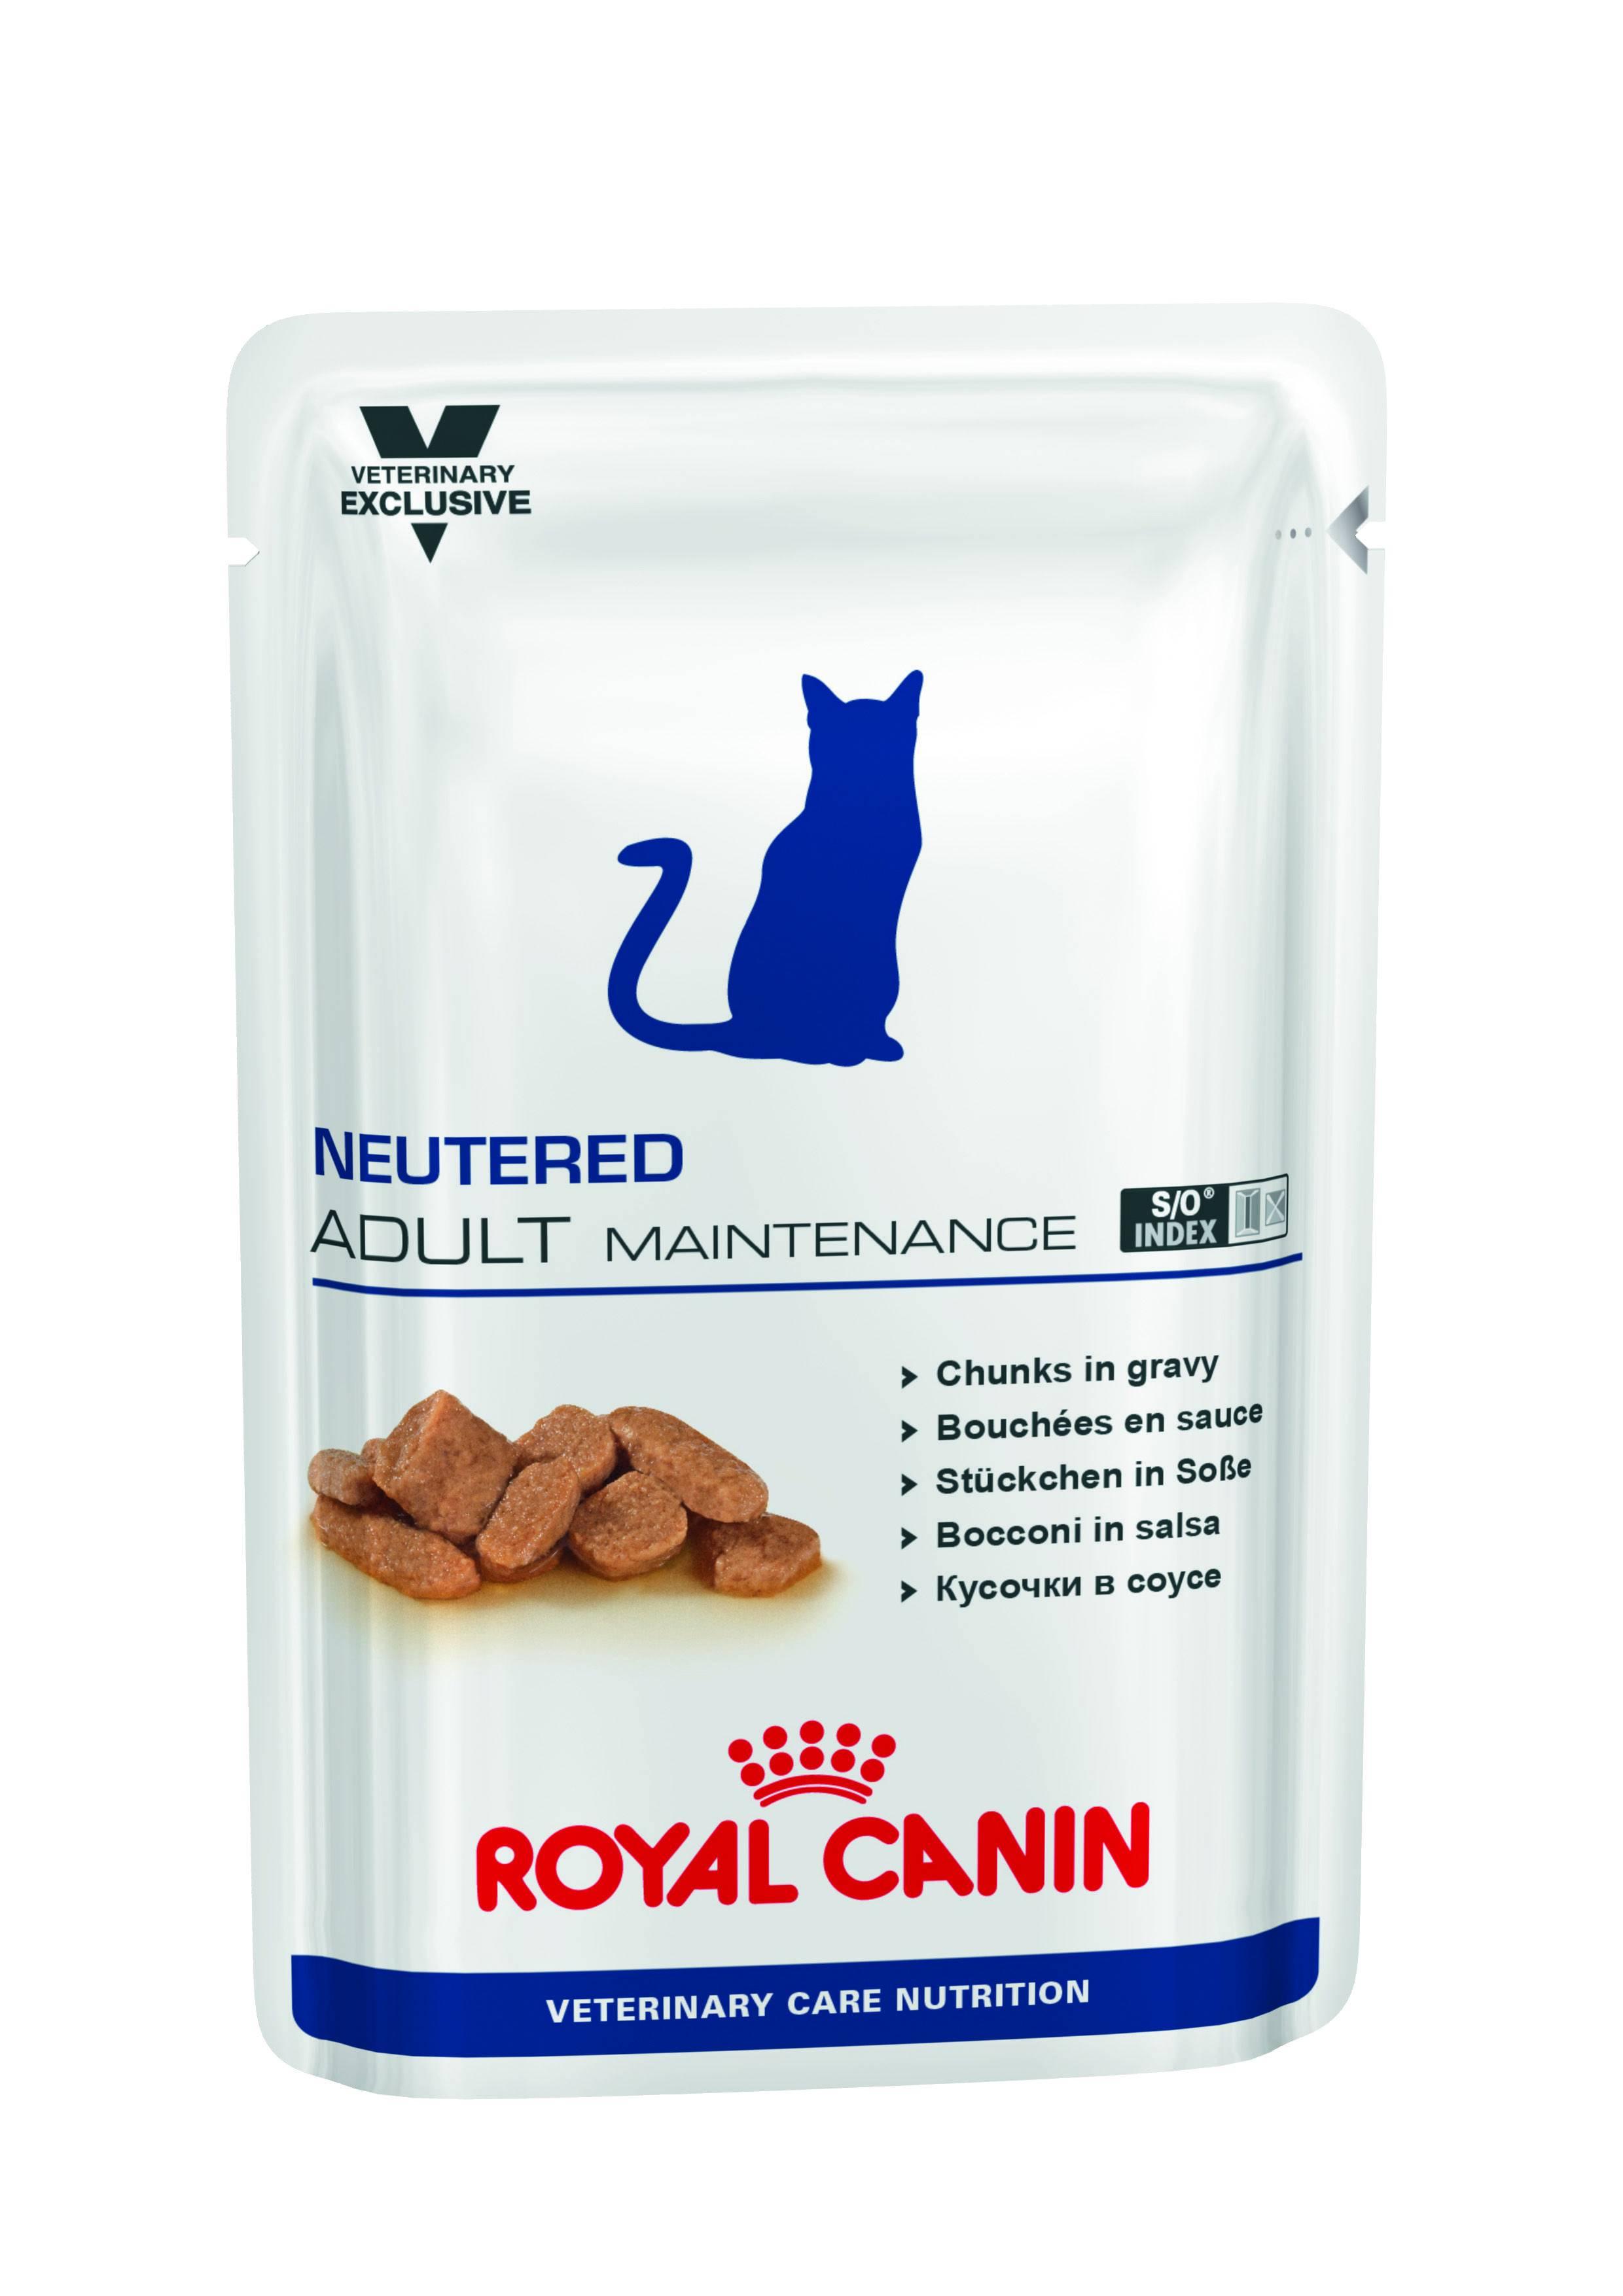 ROYAL CANIN NEUTERED ADULT MAINTENANCE – лікувальний вологий корм для стерилізованих котів із моменту операції до 7 років